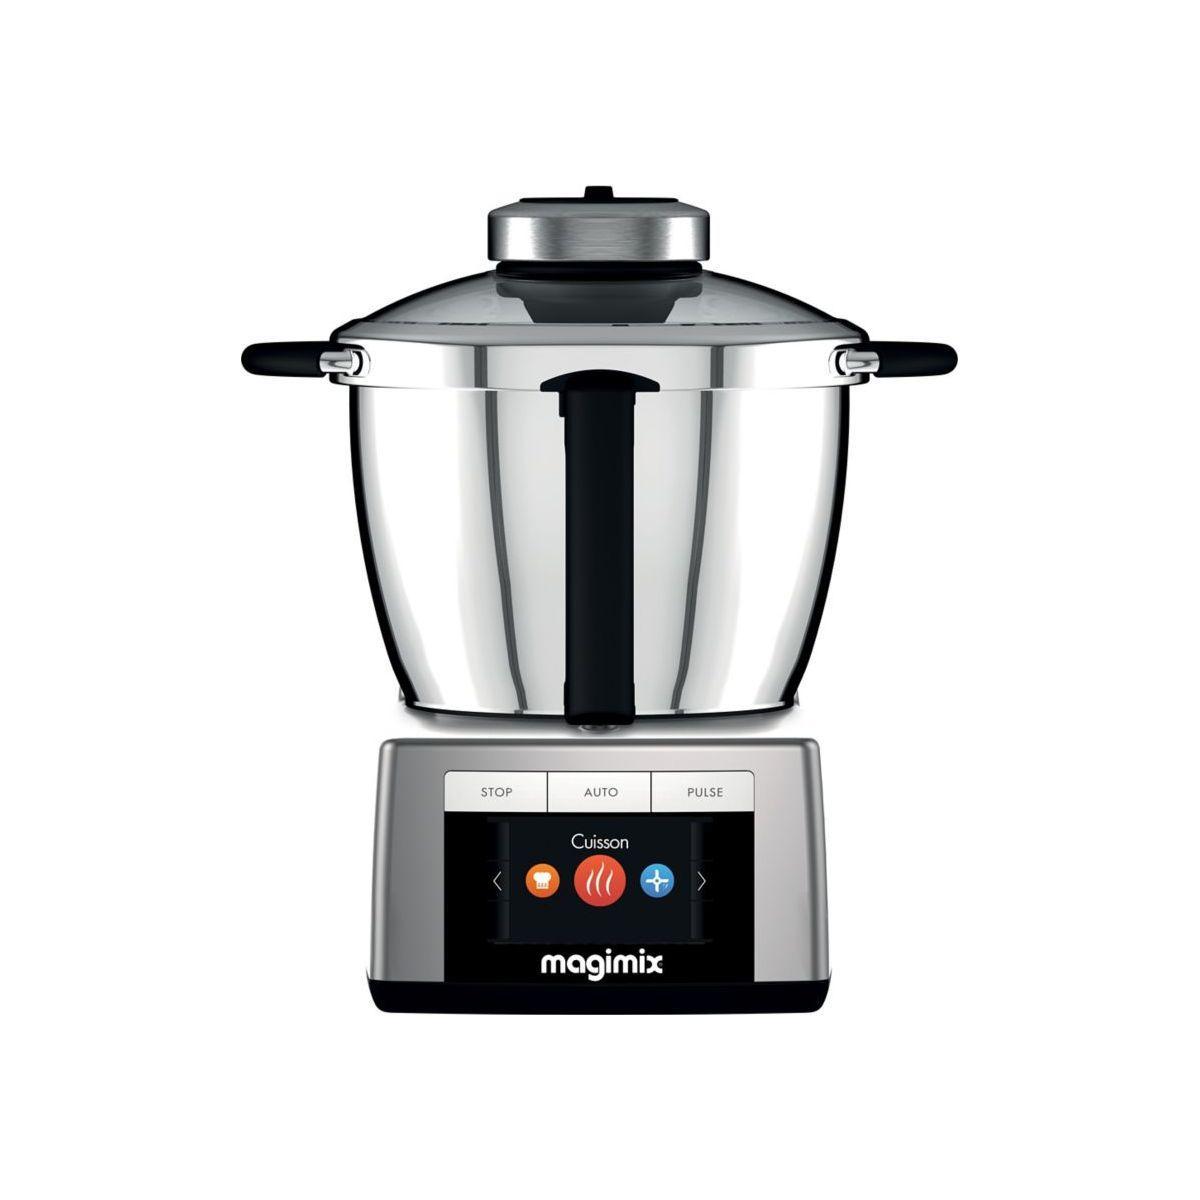 Magimix Cook Expert Multifunktionsküche